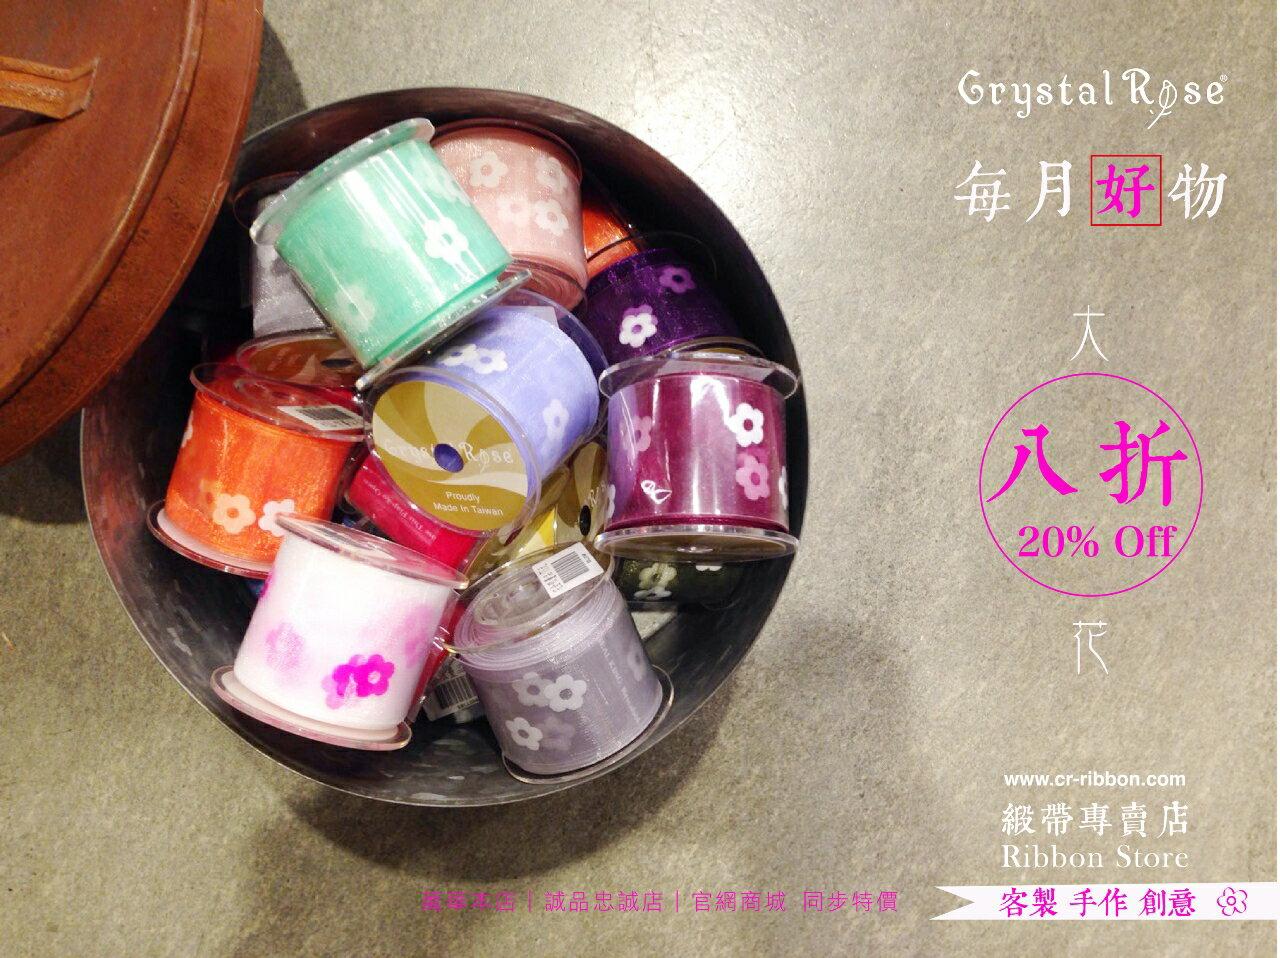 【Crystal Rose緞帶專賣店】超級限量網紗大泡花(十一色) 0